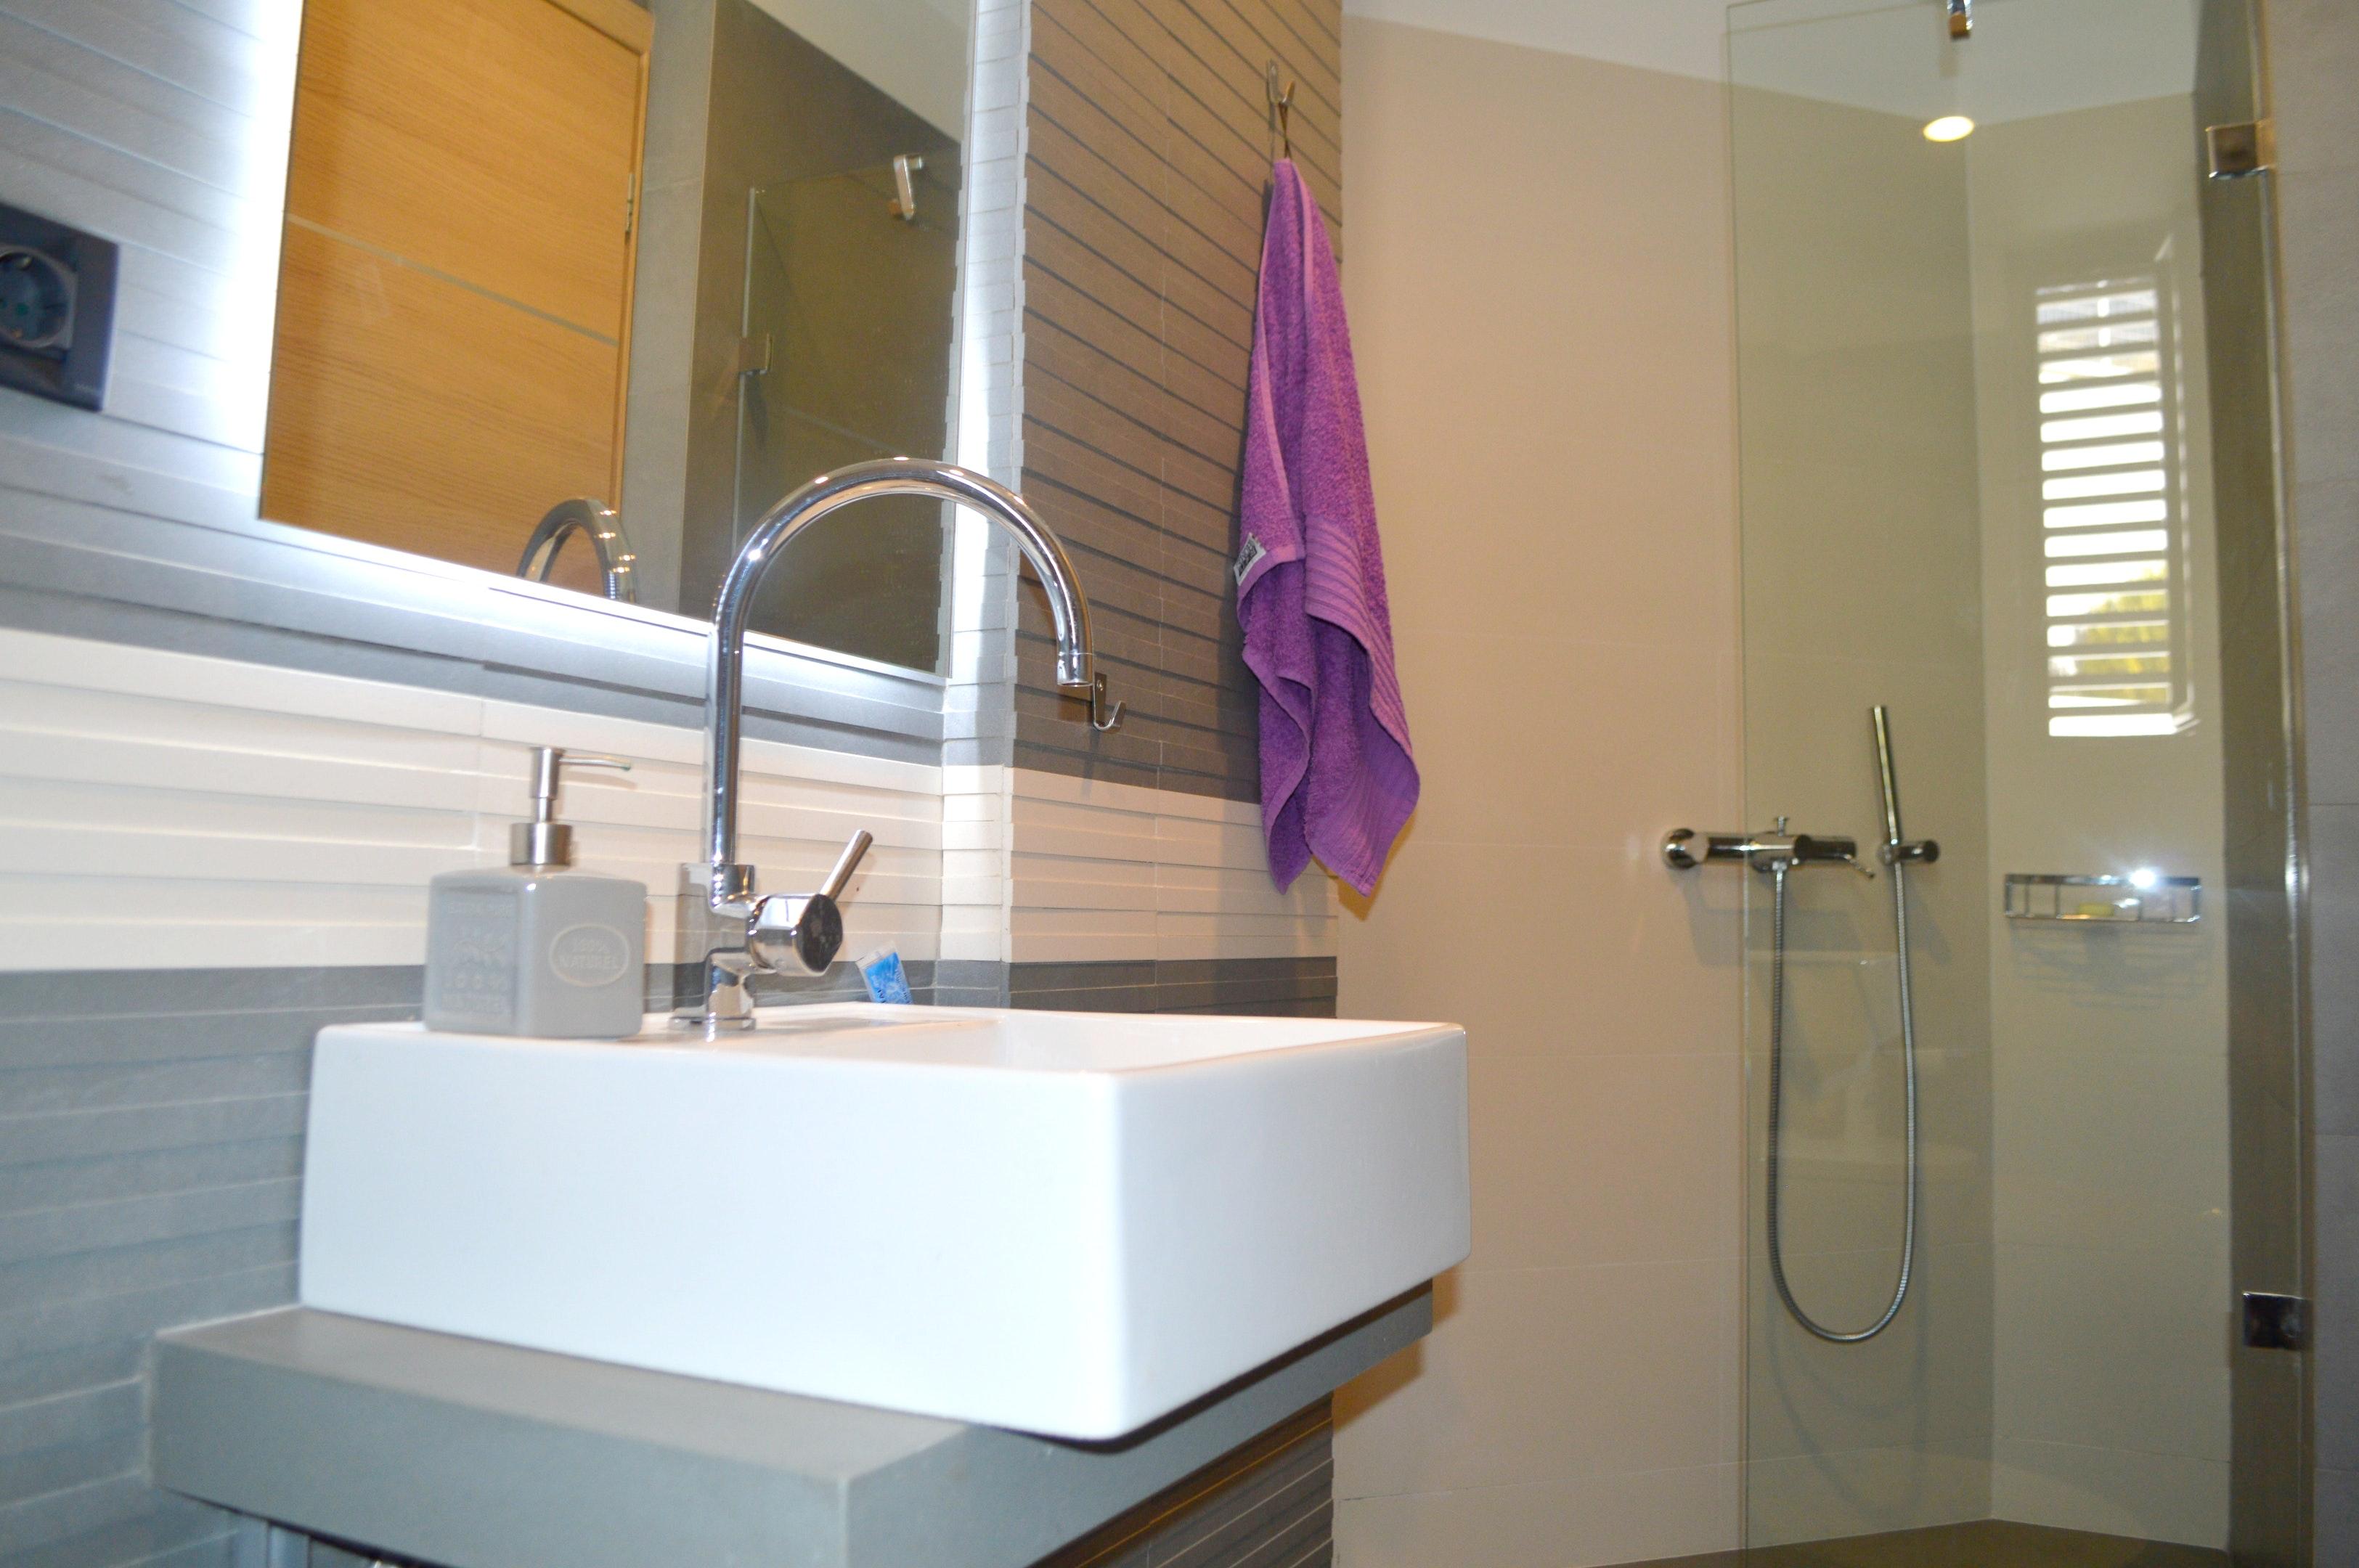 Maison de vacances Villa mit 4 Schlafzimmern in Anavissos mit herrlichem Meerblick, privatem Pool, eingezäunt (2339408), Thimari, , Attique, Grèce, image 15